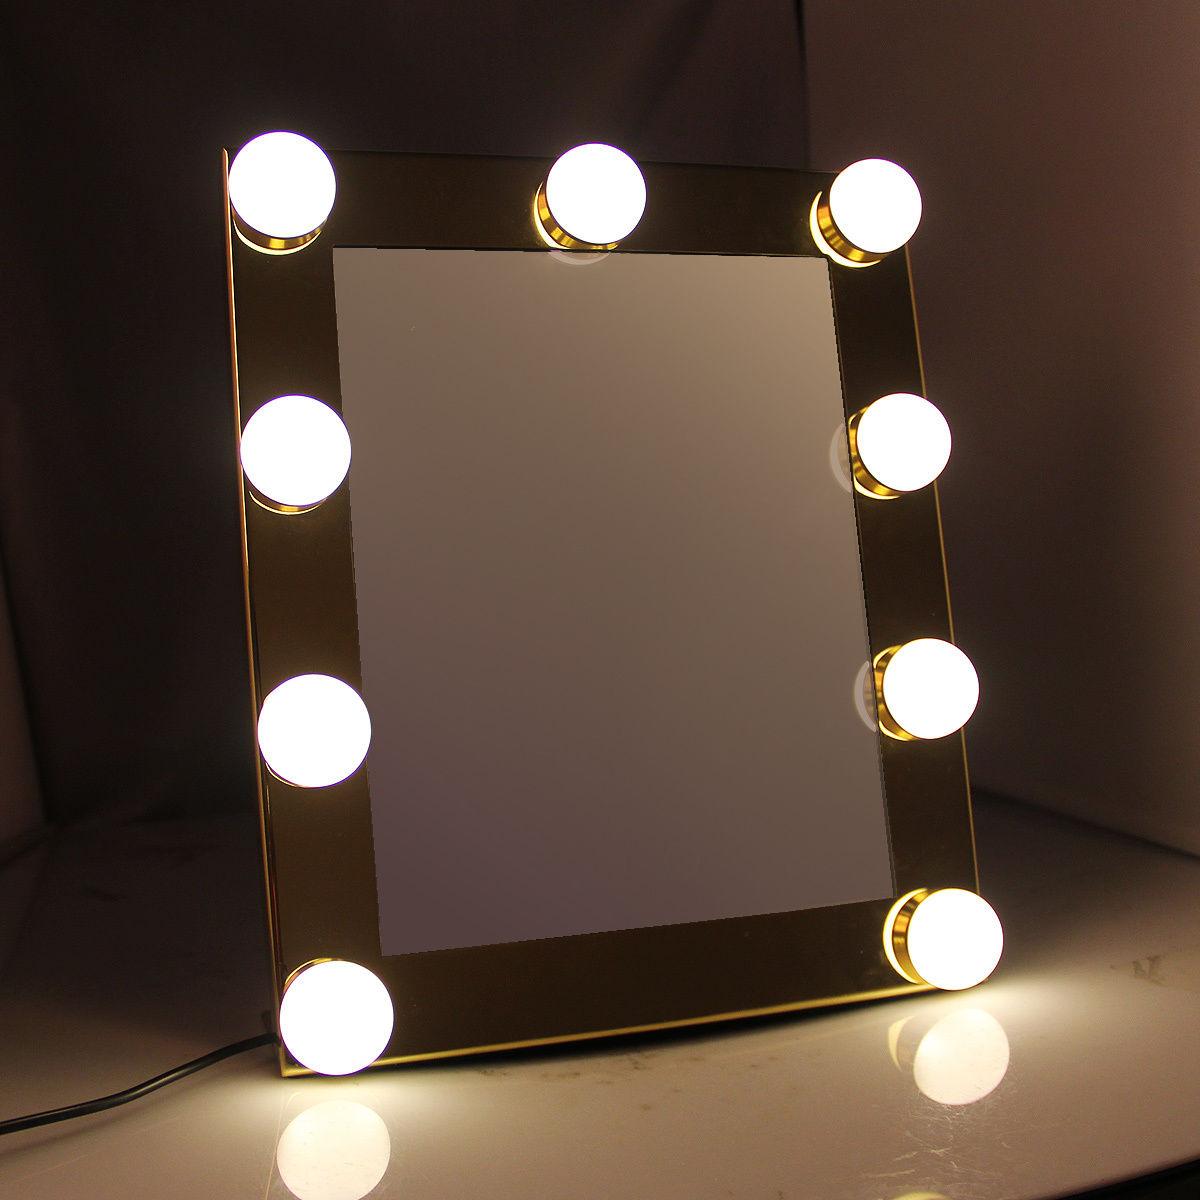 mesas de tocador espejo de maquillaje iluminado con luces de bulbo del led etapa pantalla